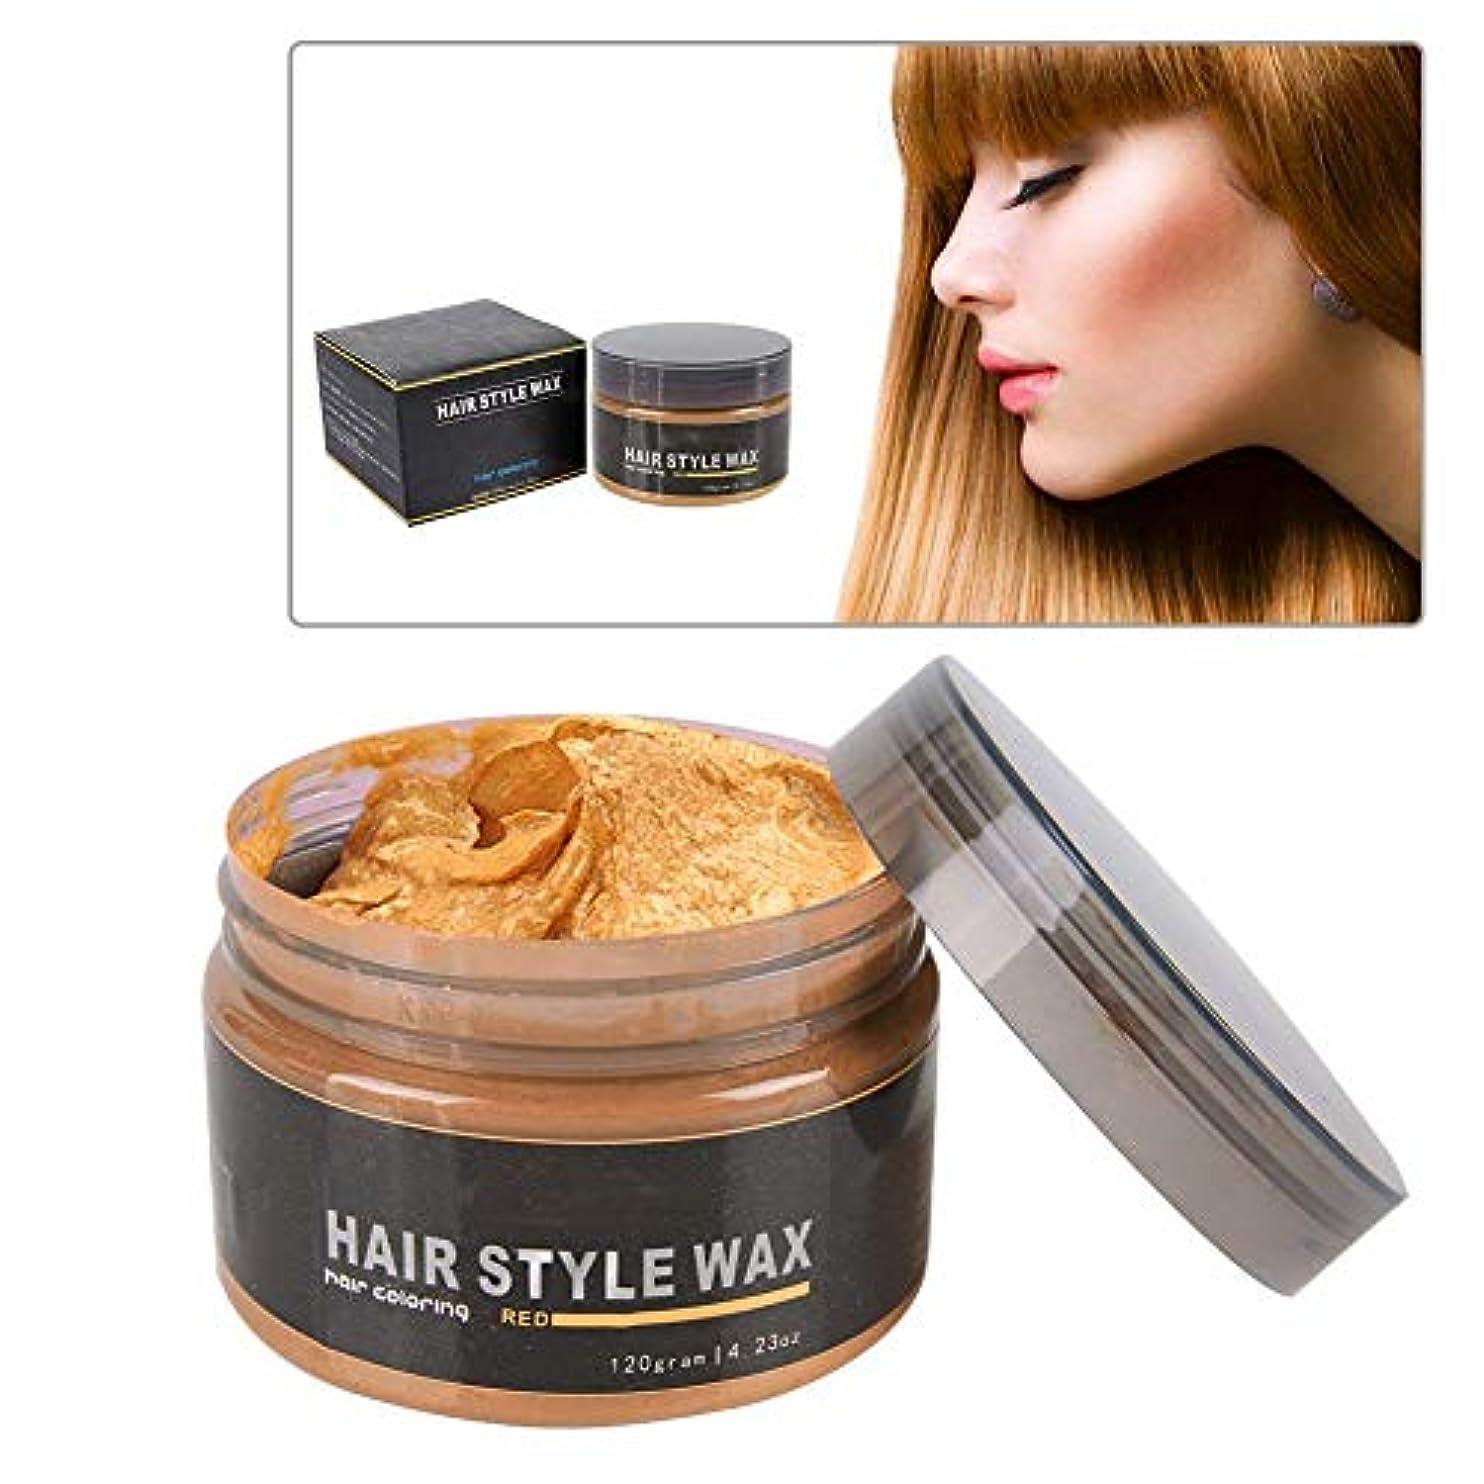 成功する発見する取得使い捨ての新しいヘアカラーワックス、染毛剤の着色泥のヘアスタイルモデリングクリーム120グラム(ゴールド)